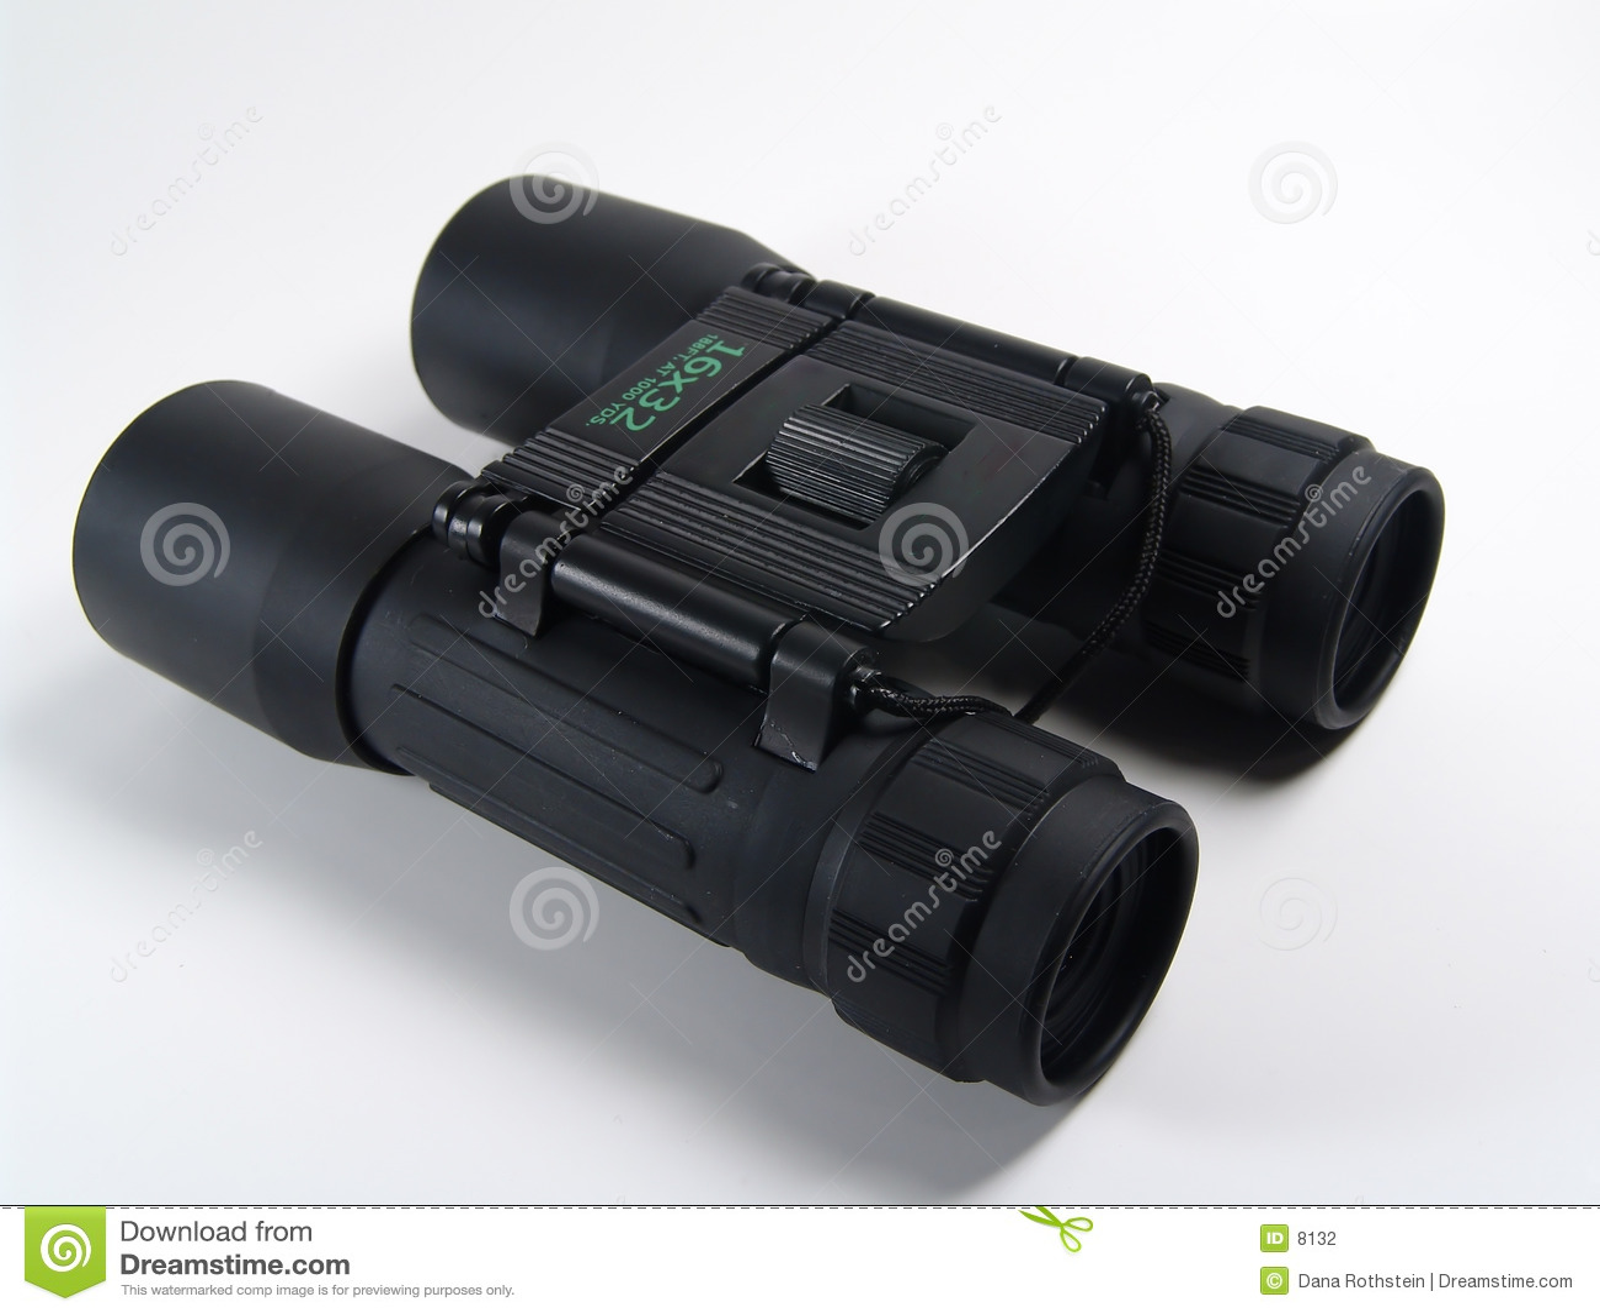 Download 双筒望远镜 库存照片. 图片 包括有 bink, 搜索, 体育运动, 重点, 远距照相, 单眼, 宾果游戏, 视图 - 8132